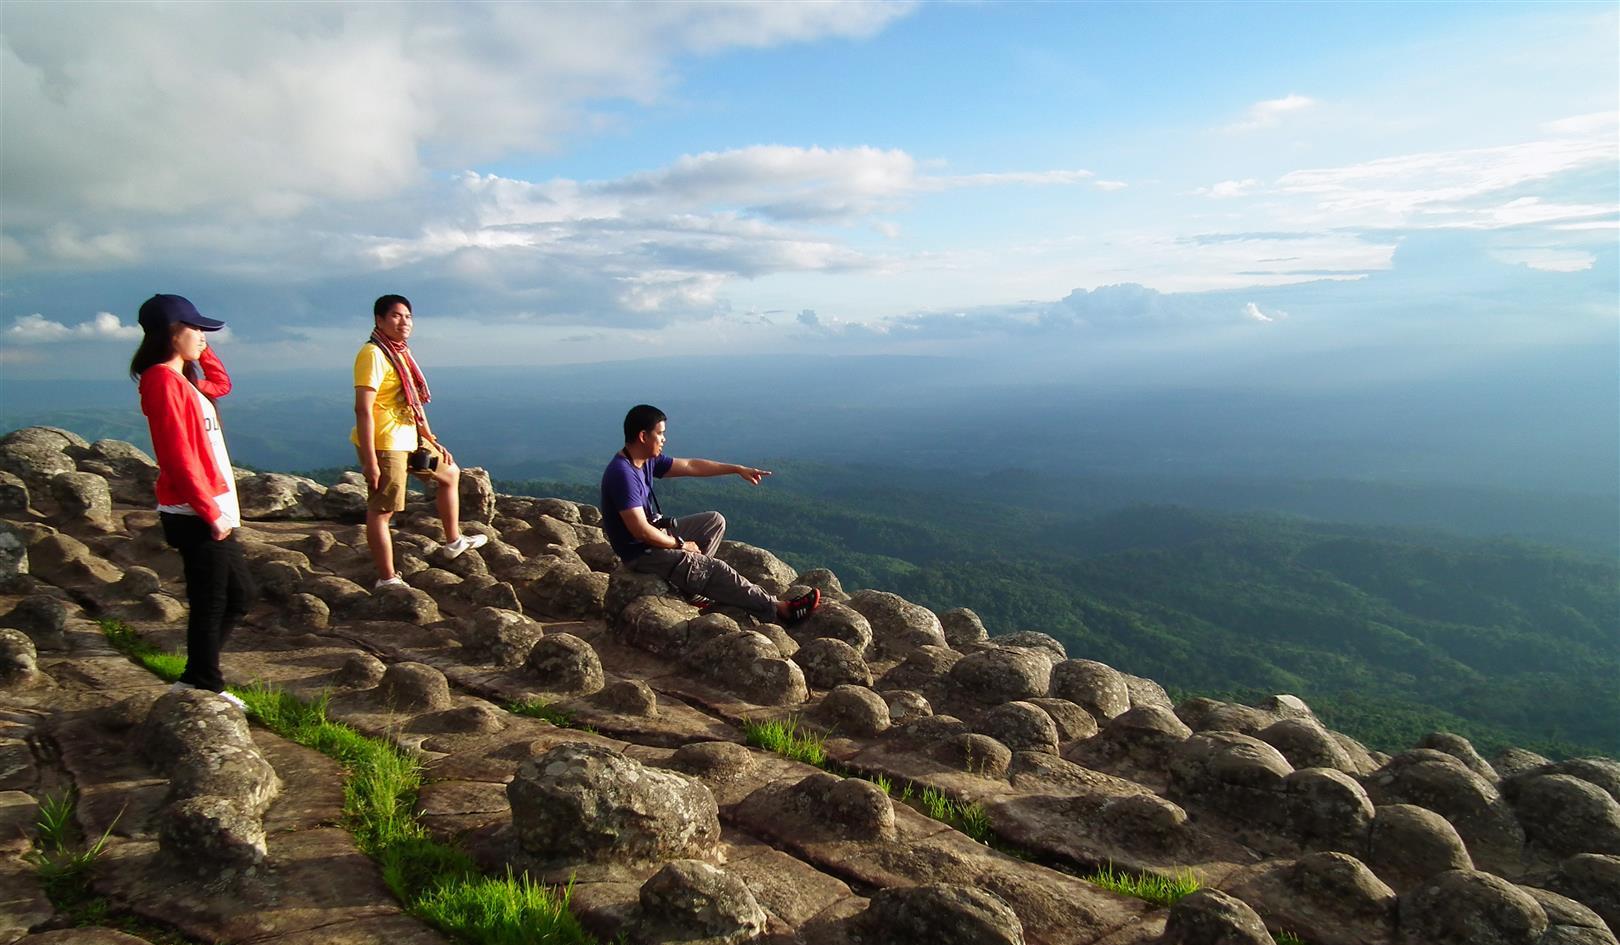 ภูหินร่องกล้า